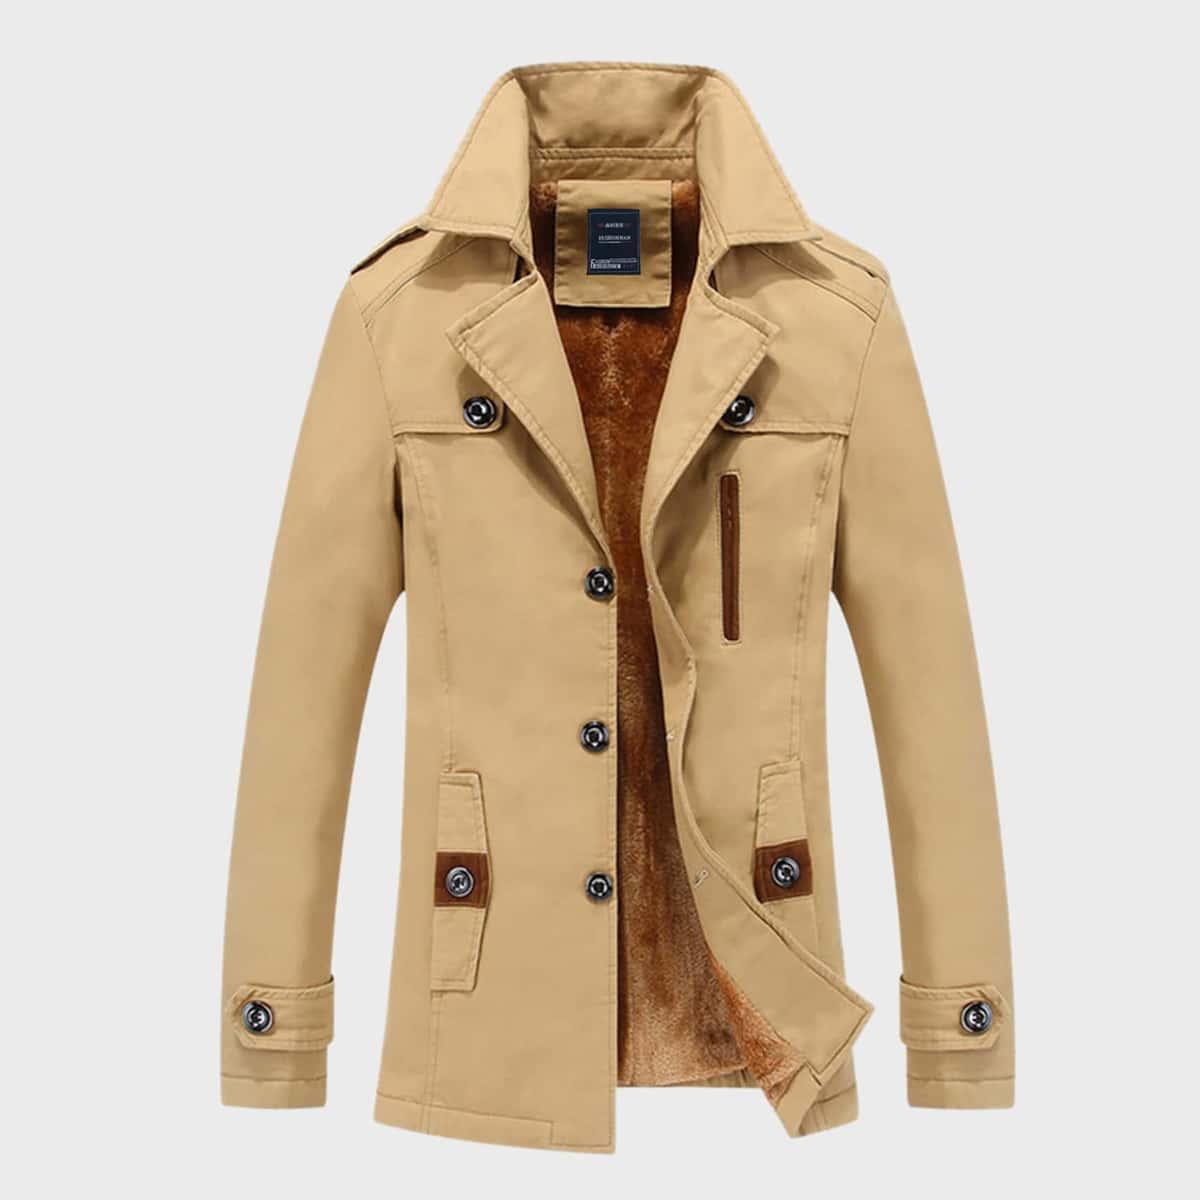 Мужское пальто-тренч на плюшевой подкладке